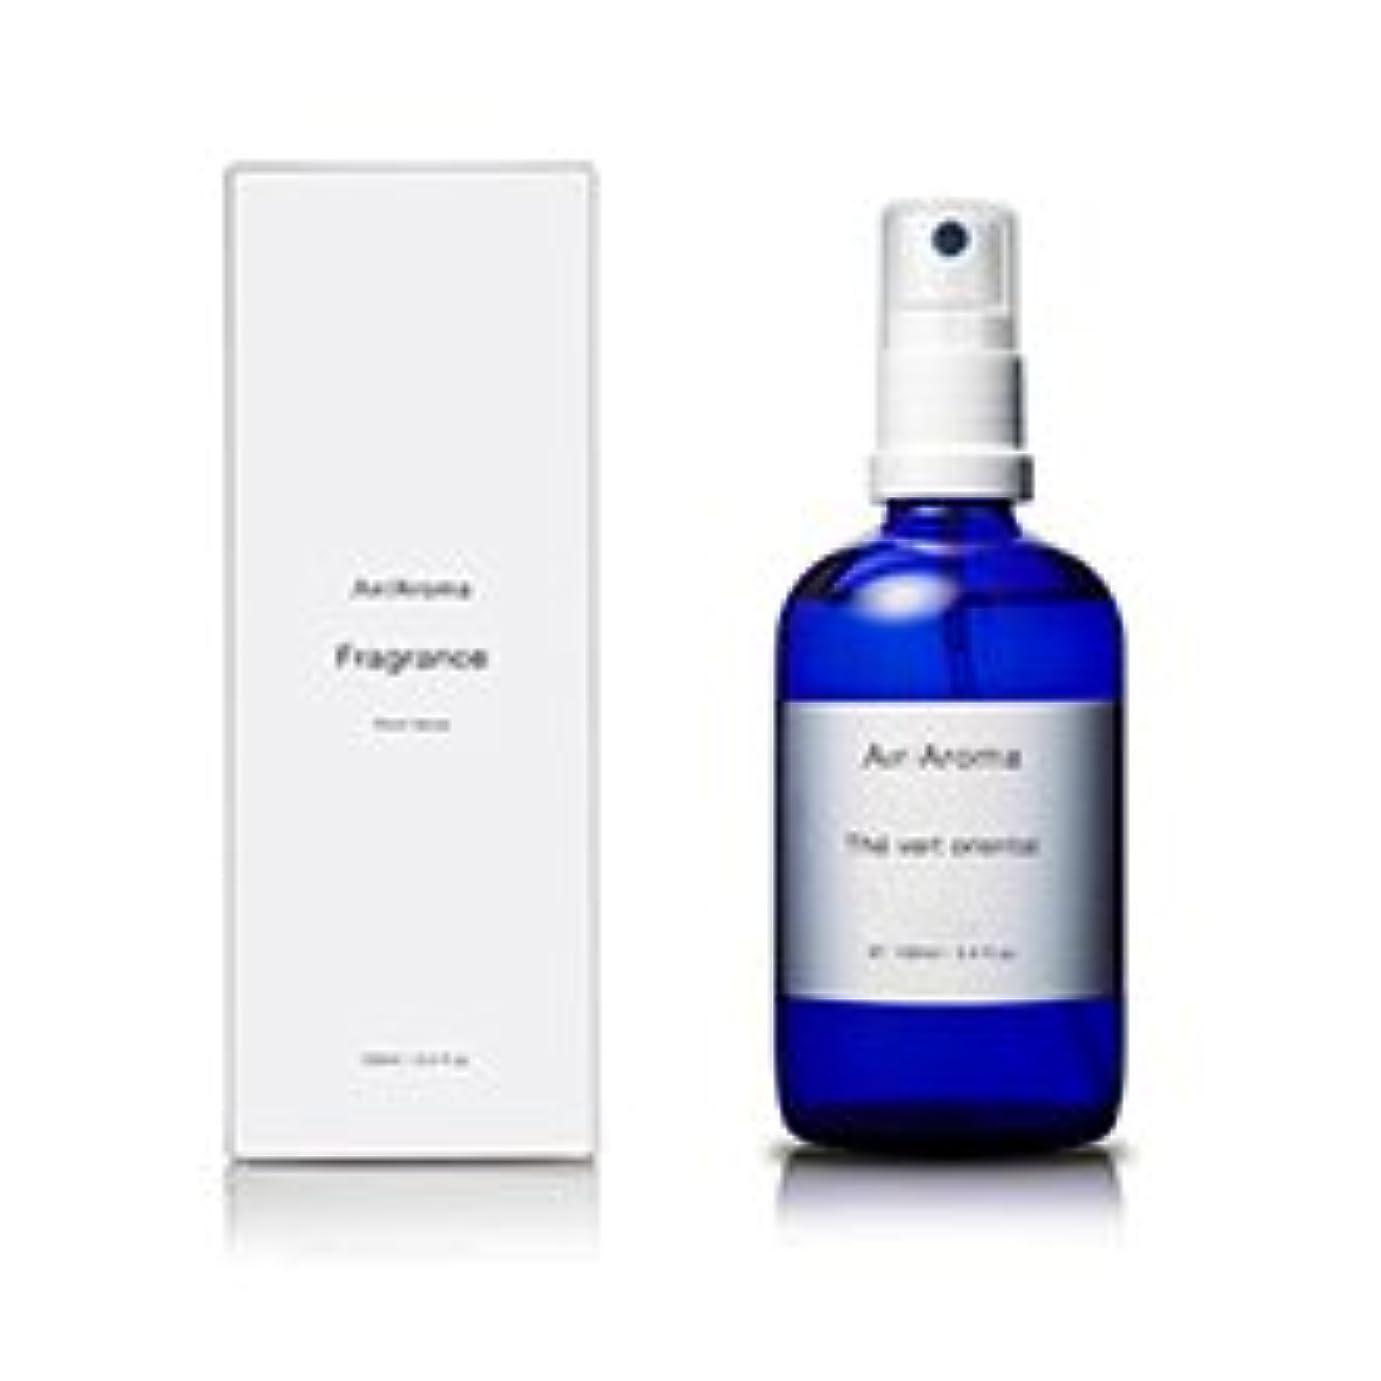 解釈するスロー晴れエアアロマ the vert oriental room fragrance(テヴェールオリエンタル ルームフレグランス) 100ml